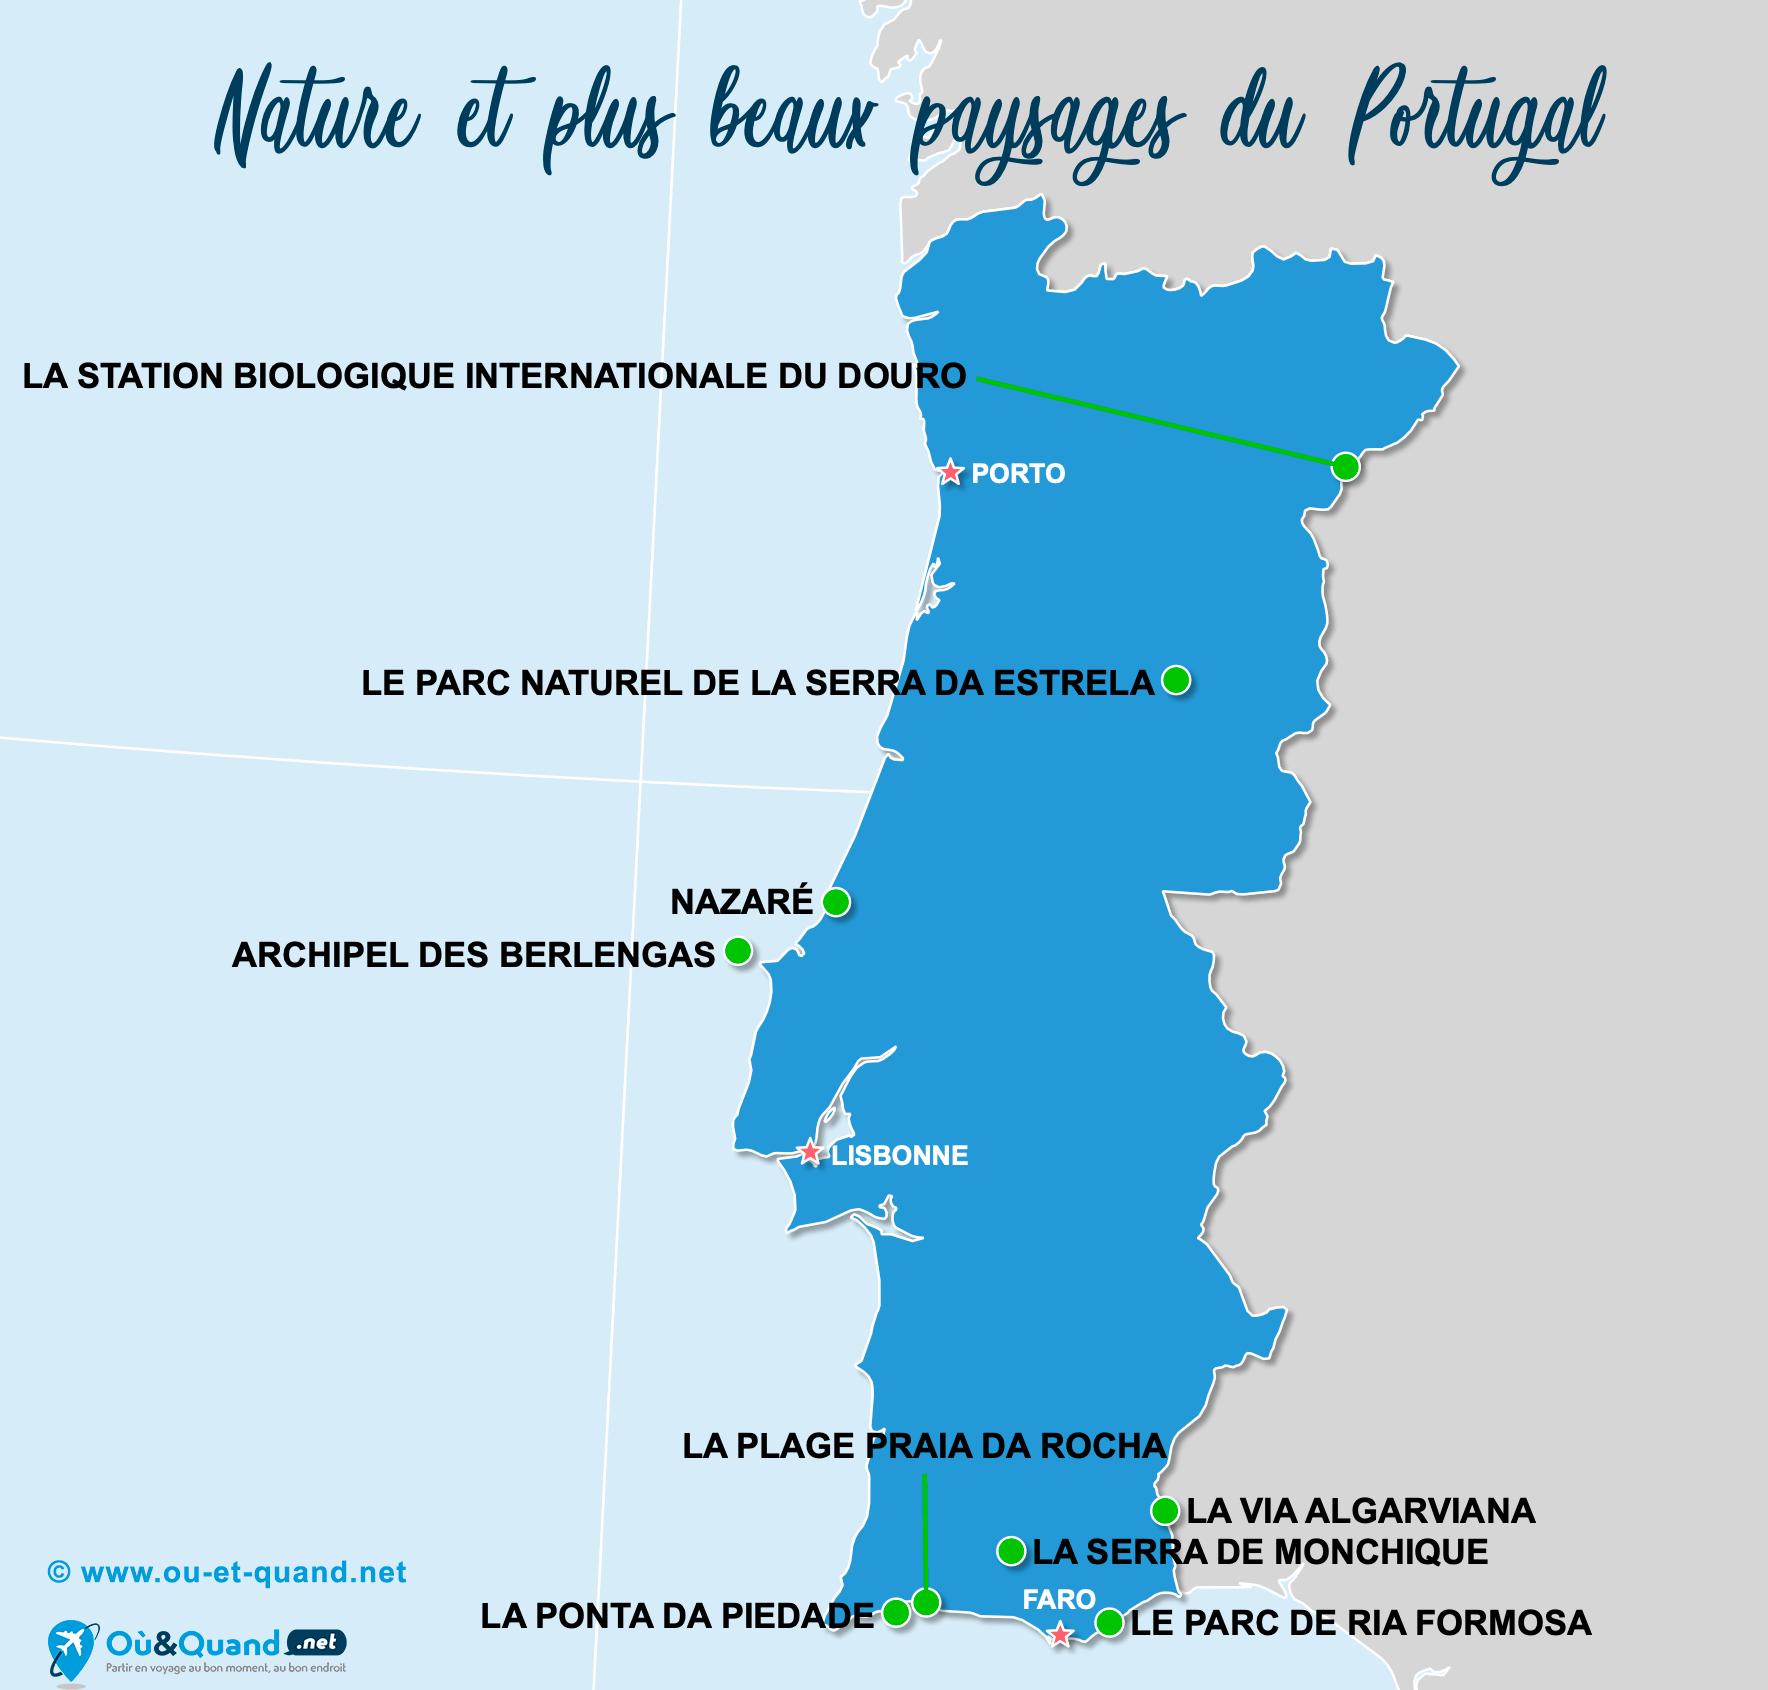 Carte Portugal : Les plus beaux paysages du Portugal